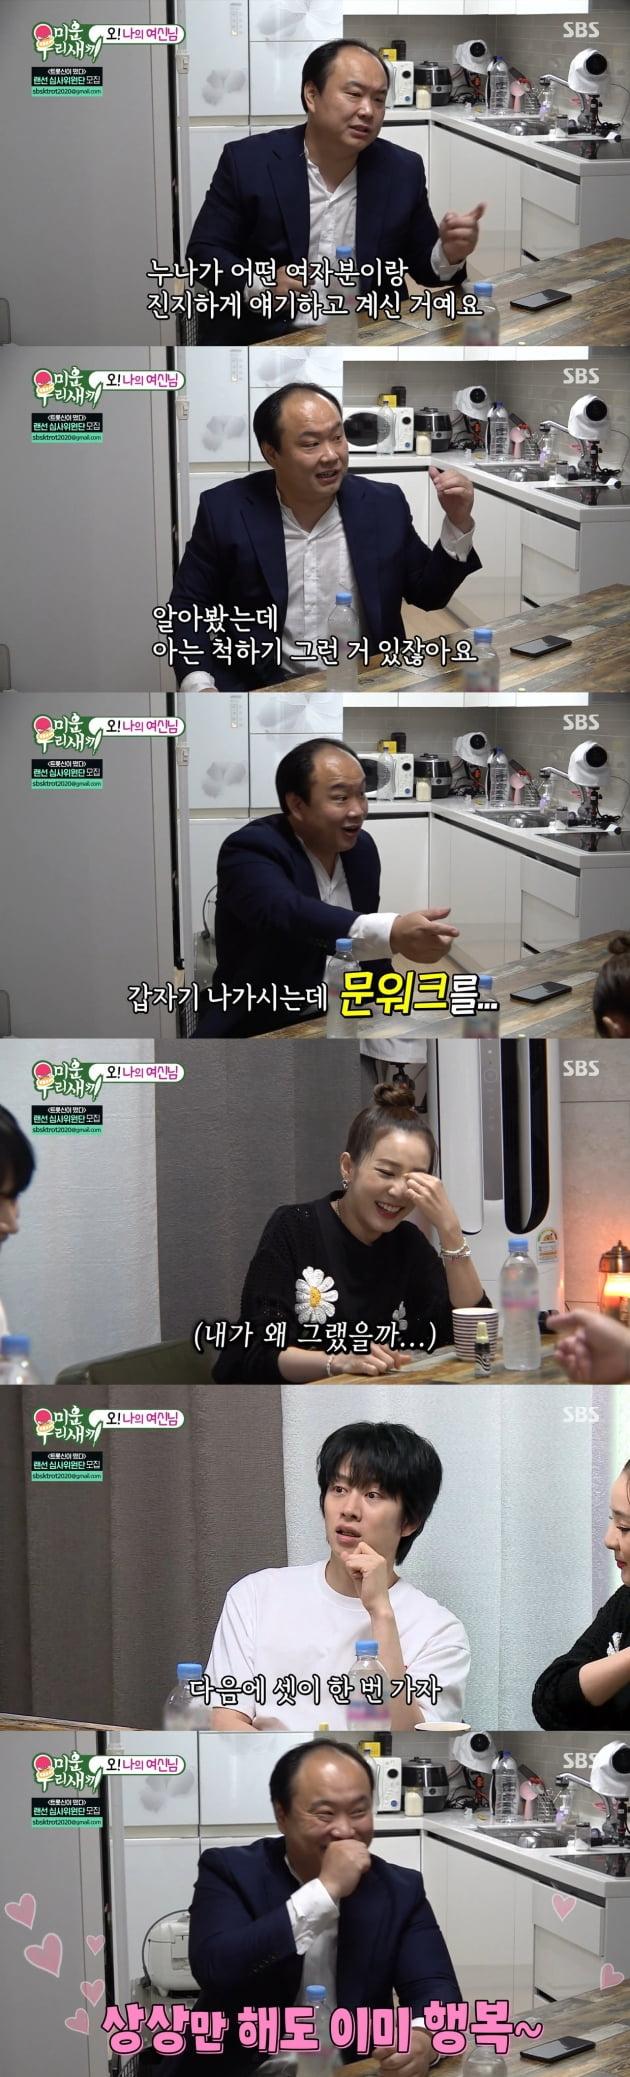 23일 방송된 '미운 우리 새끼'/ 사진=SBS 방송 화면